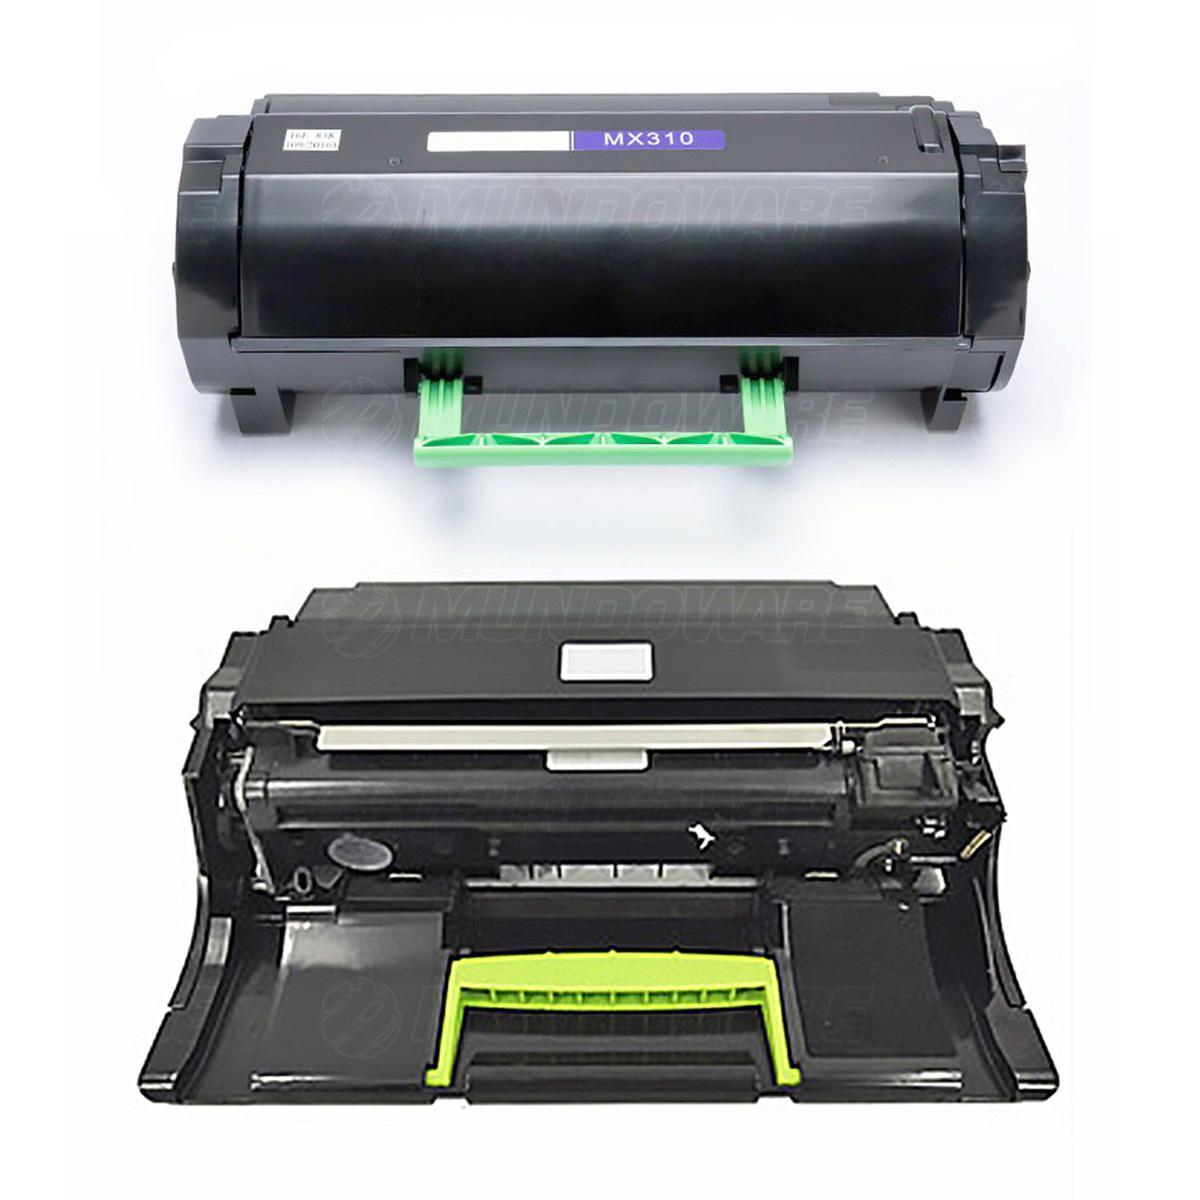 Compatível: Combo Fotocondutor + Toner para Lexmark MX310 MX410 MX510 MX511 MX610 MX310dn MX410de MX511de MX611dhe